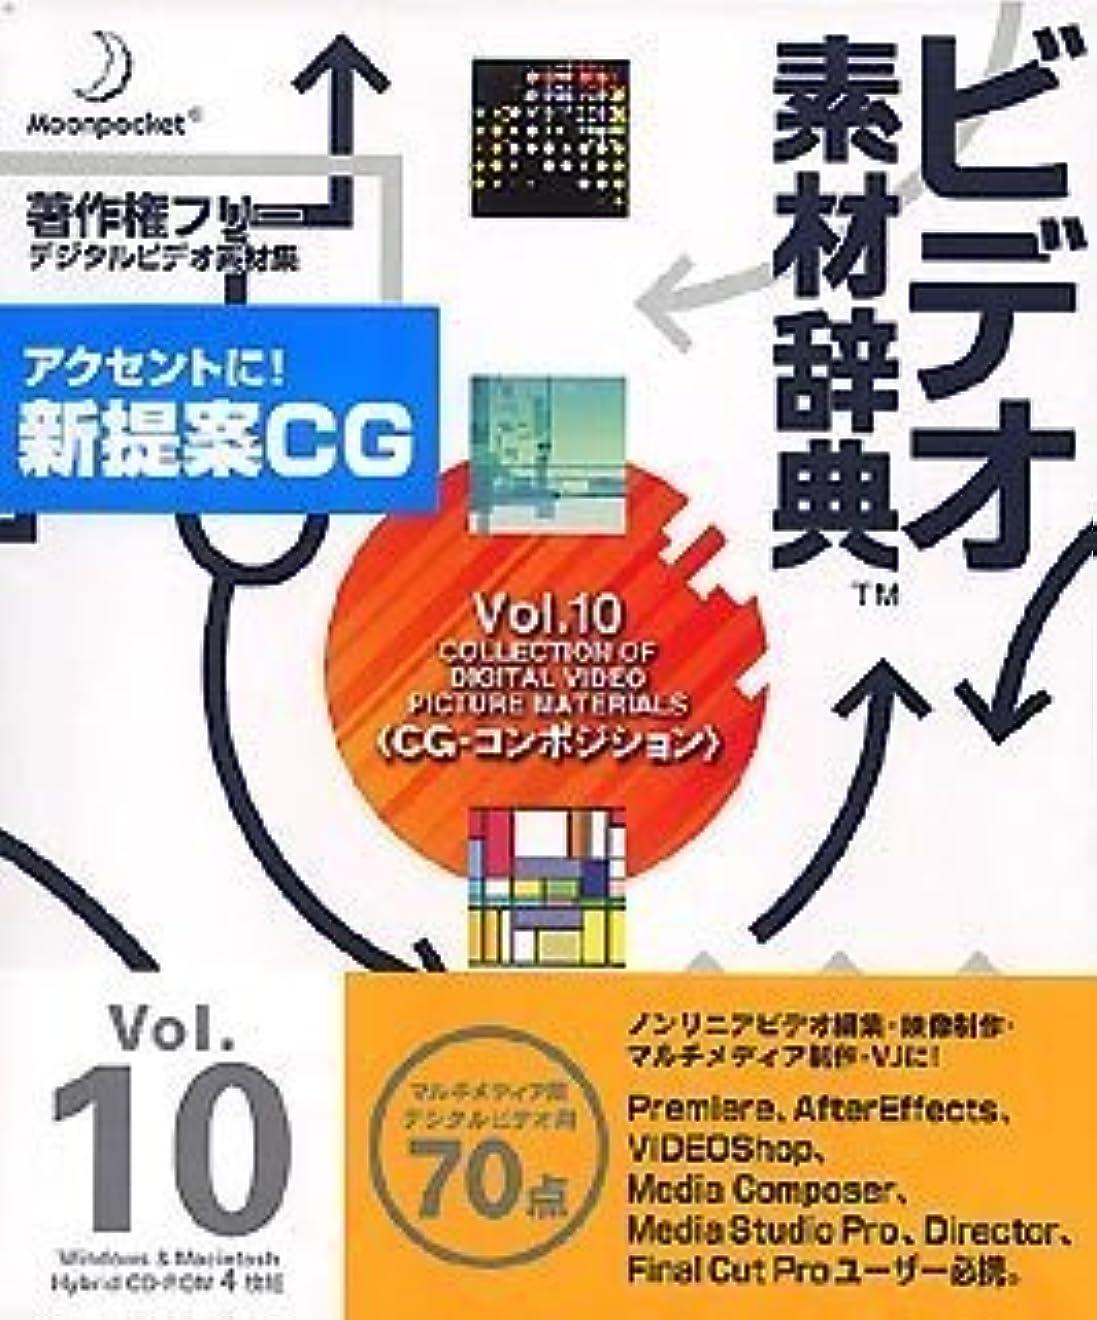 識字アンケートライオネルグリーンストリートビデオ素材辞典 Vol.10 CG-コンポジション